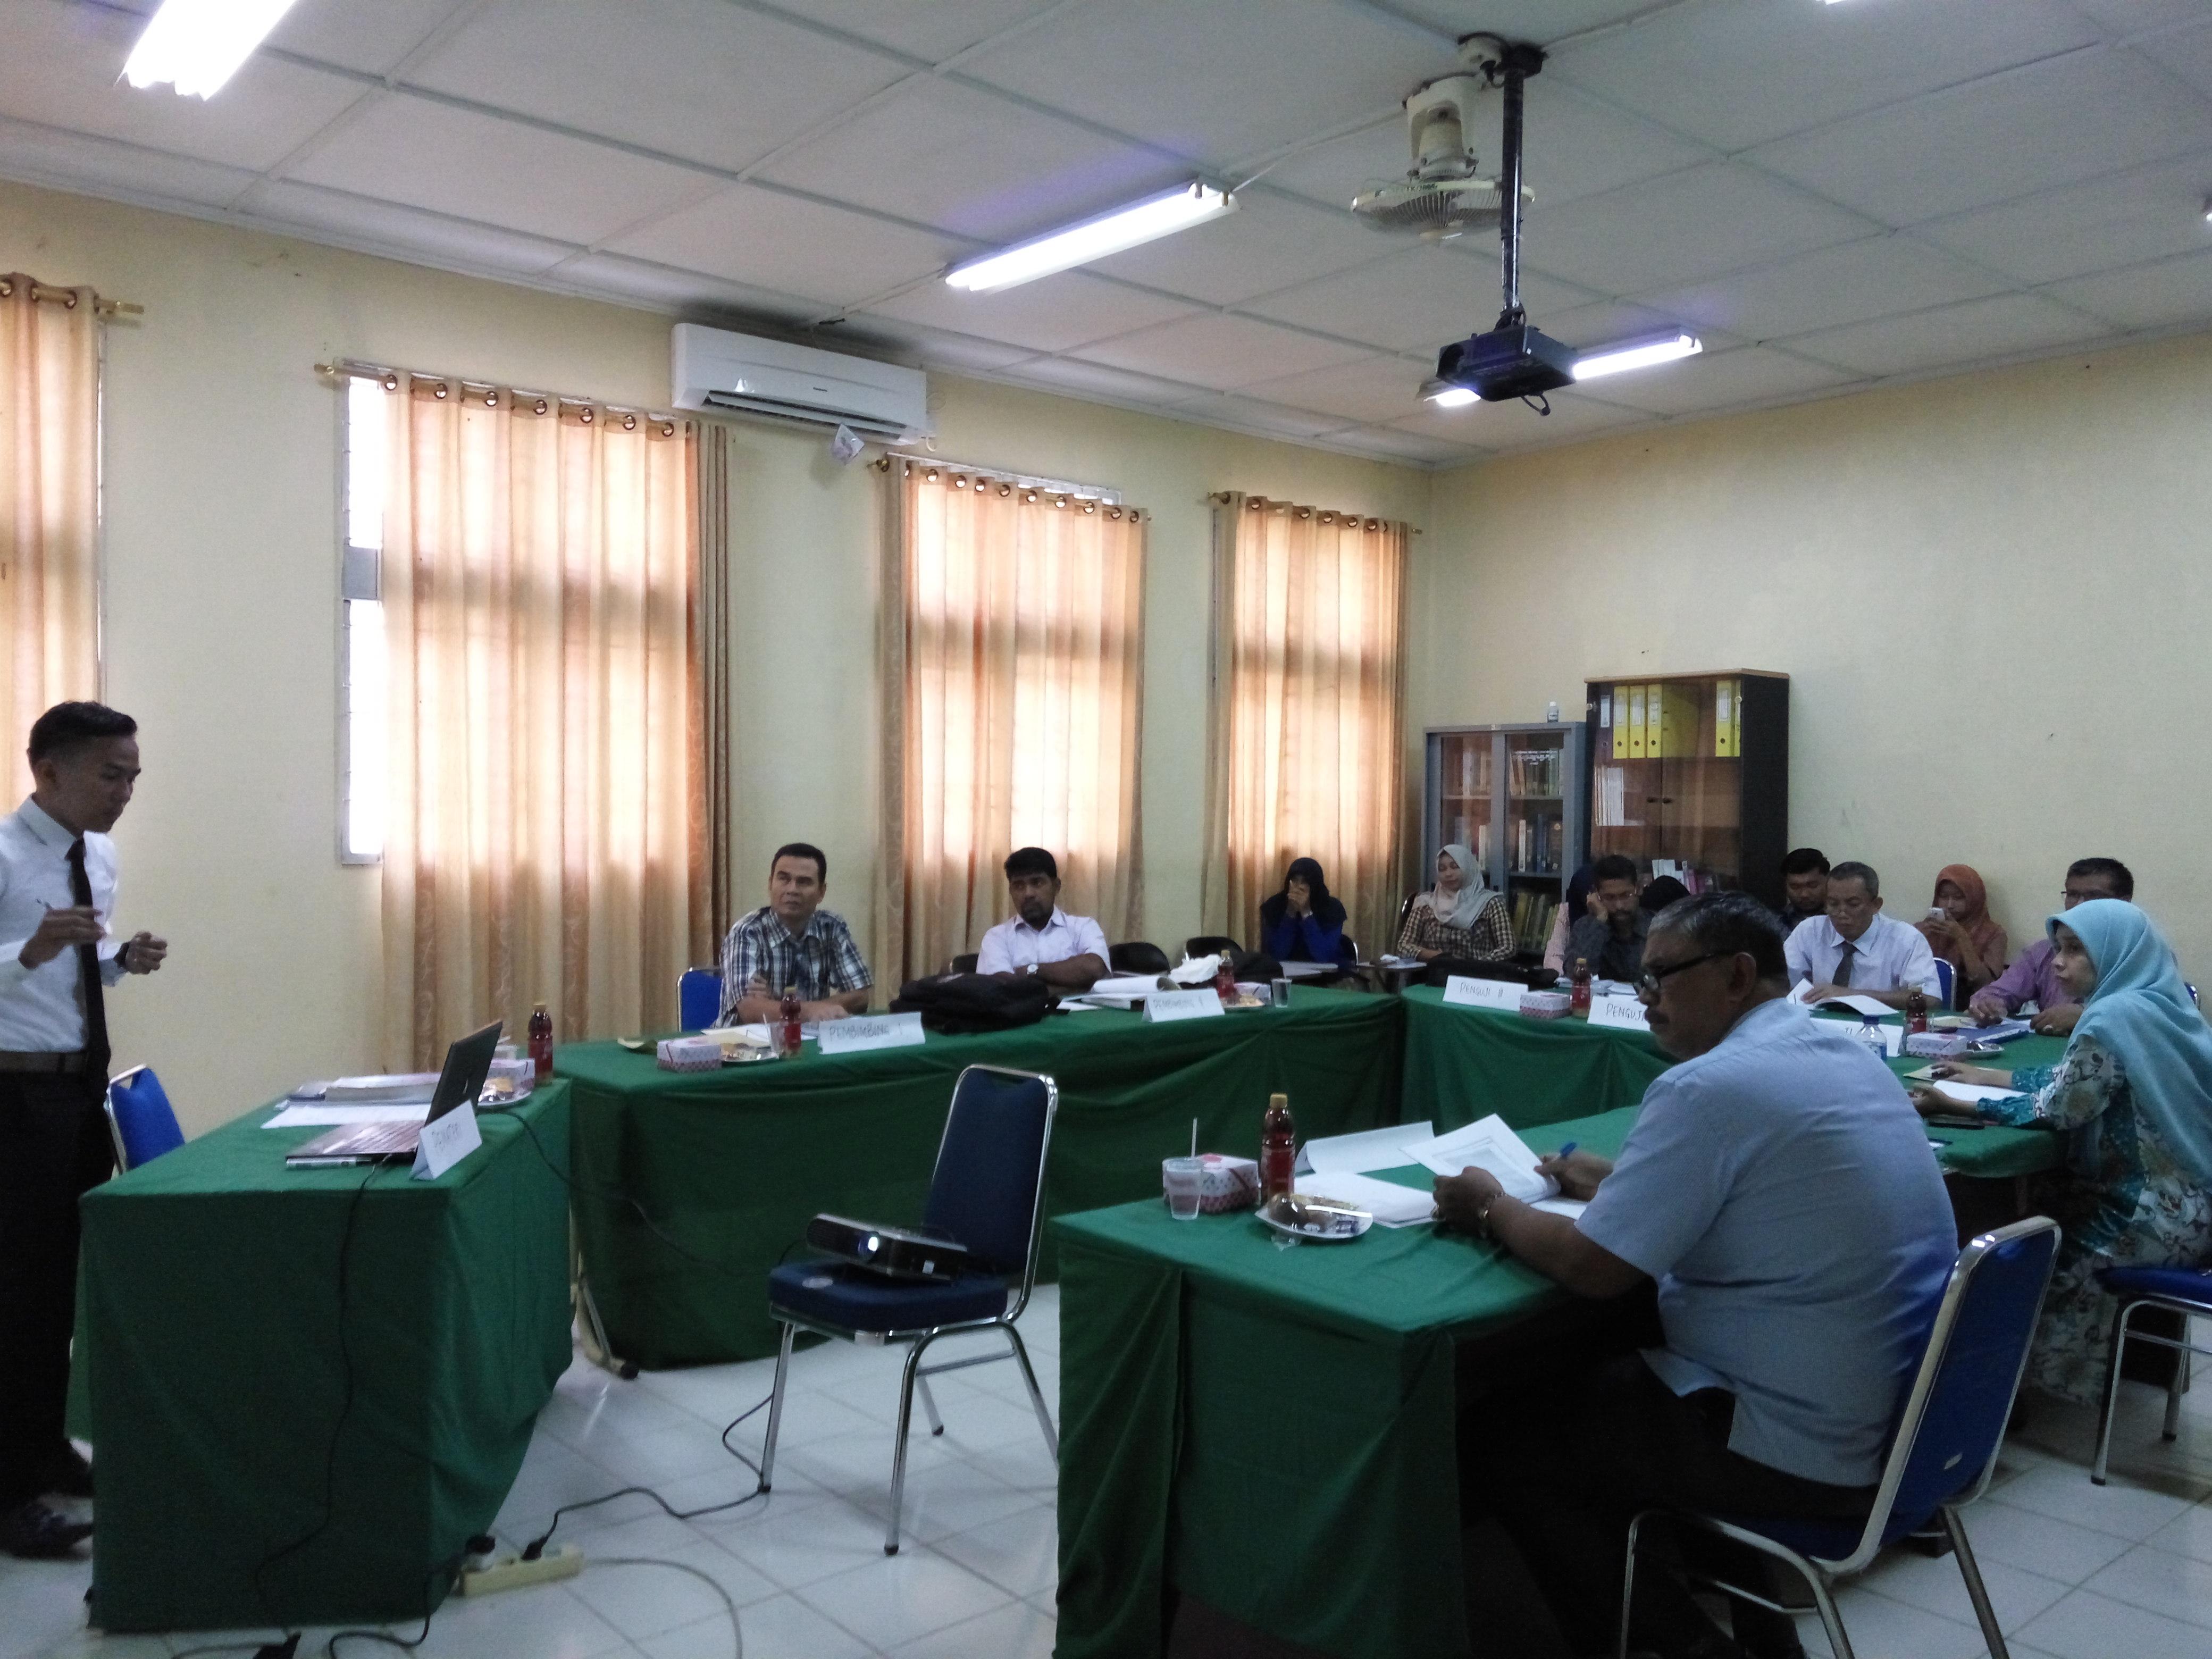 Sidang TGA Mhs Migas dengan Penguji dari PT. PAG